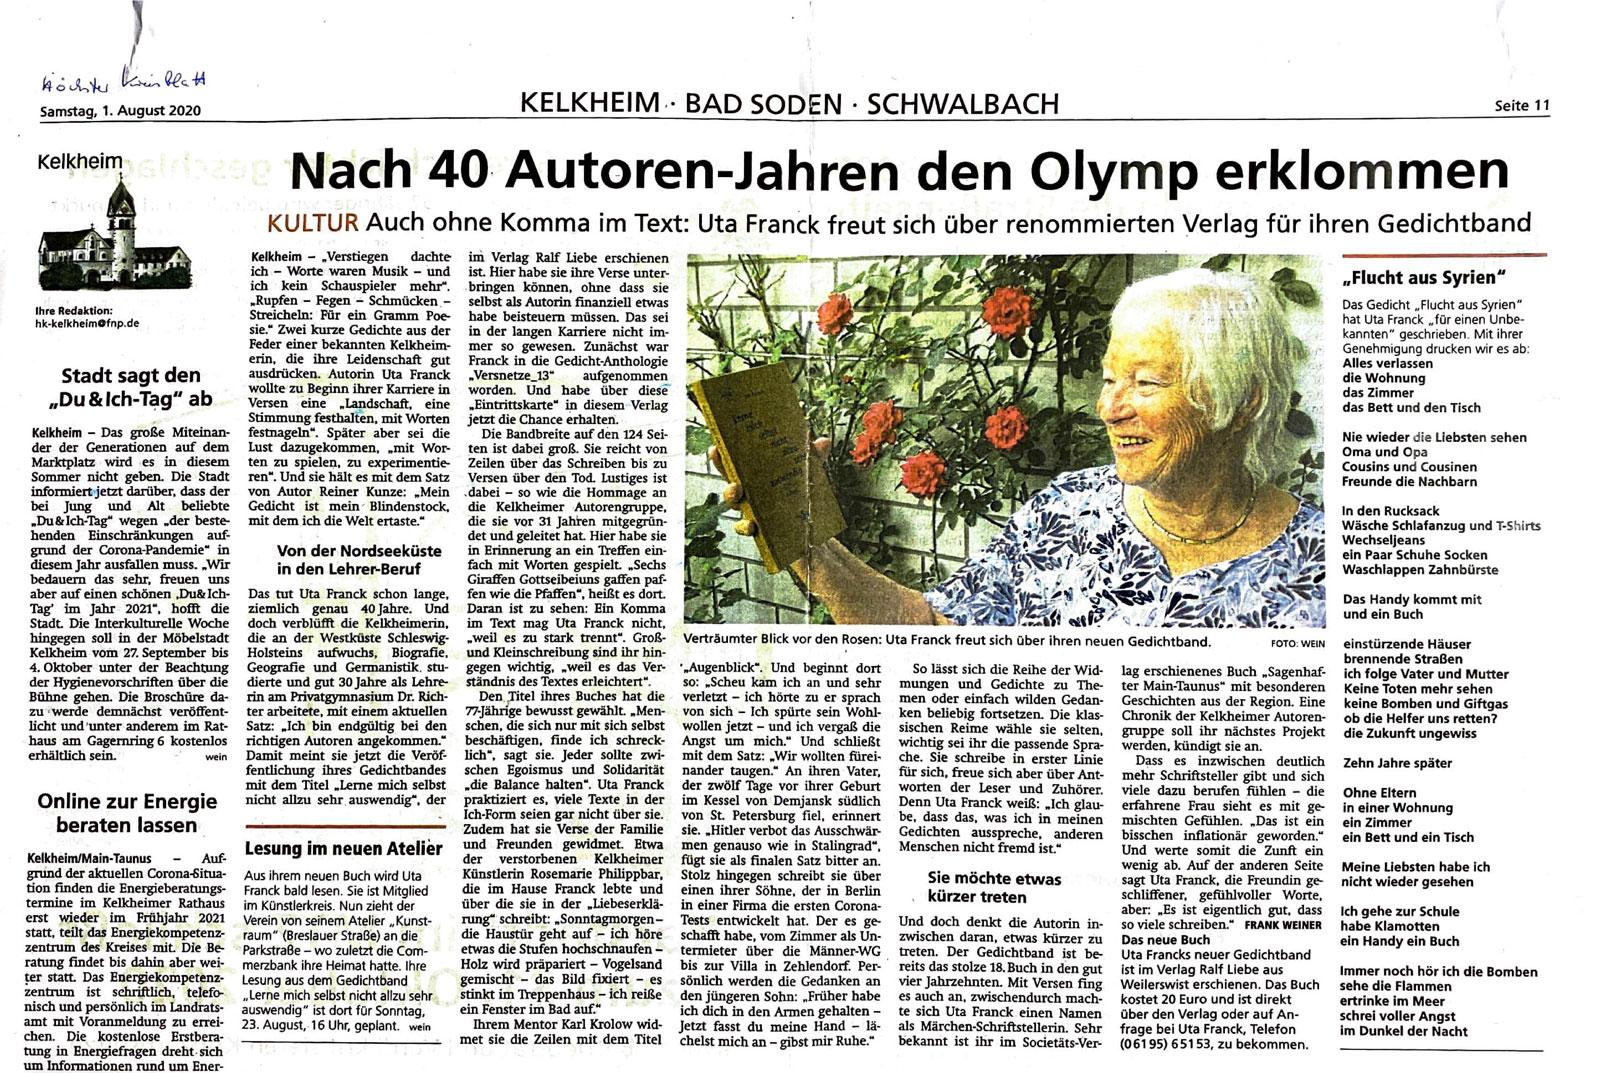 Nach 40 Autoren-Jahren den Olymp erklommen